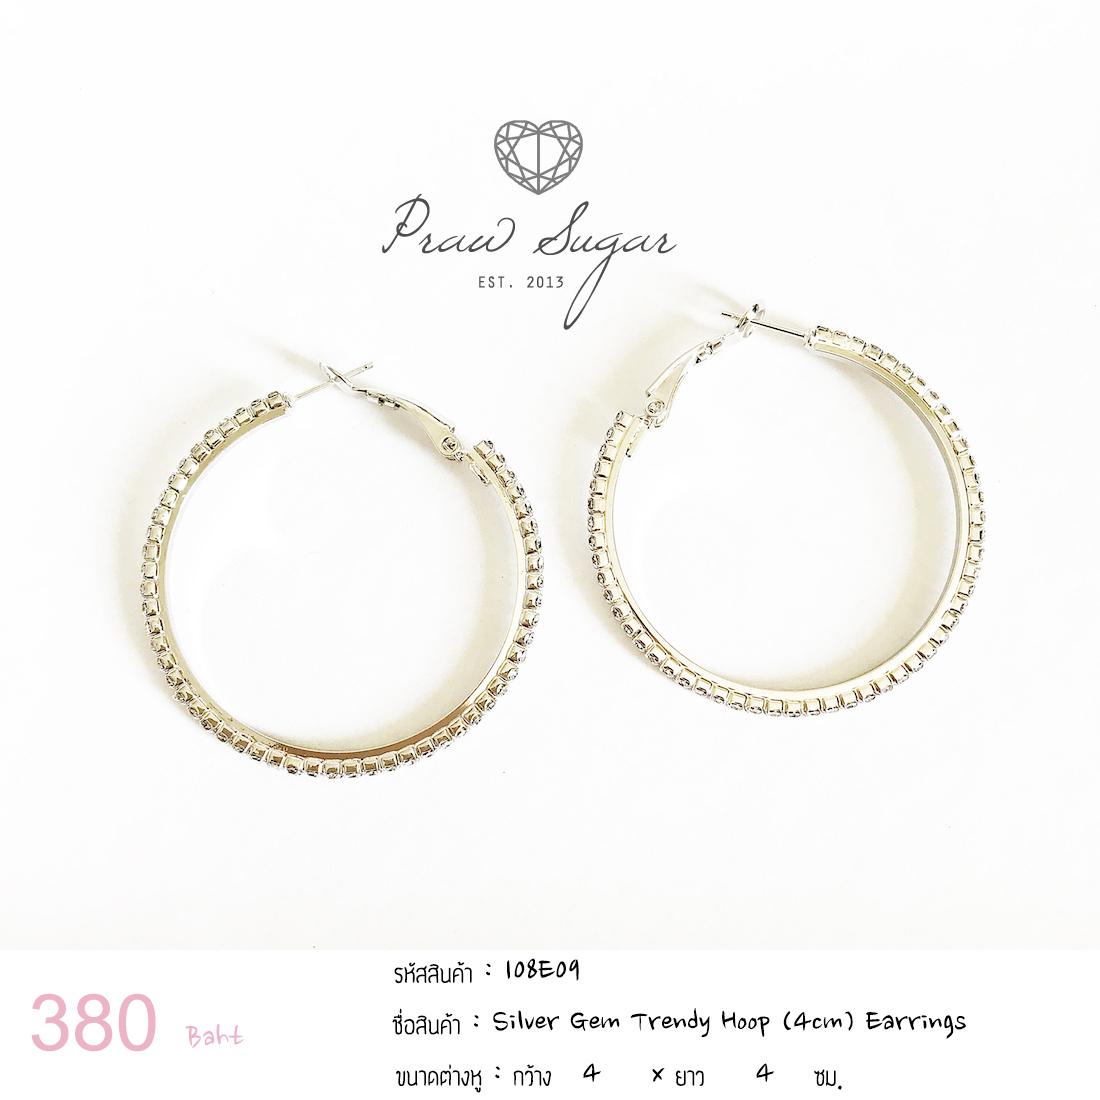 Silver Gem Trendy Hoop (4cm) Earrings